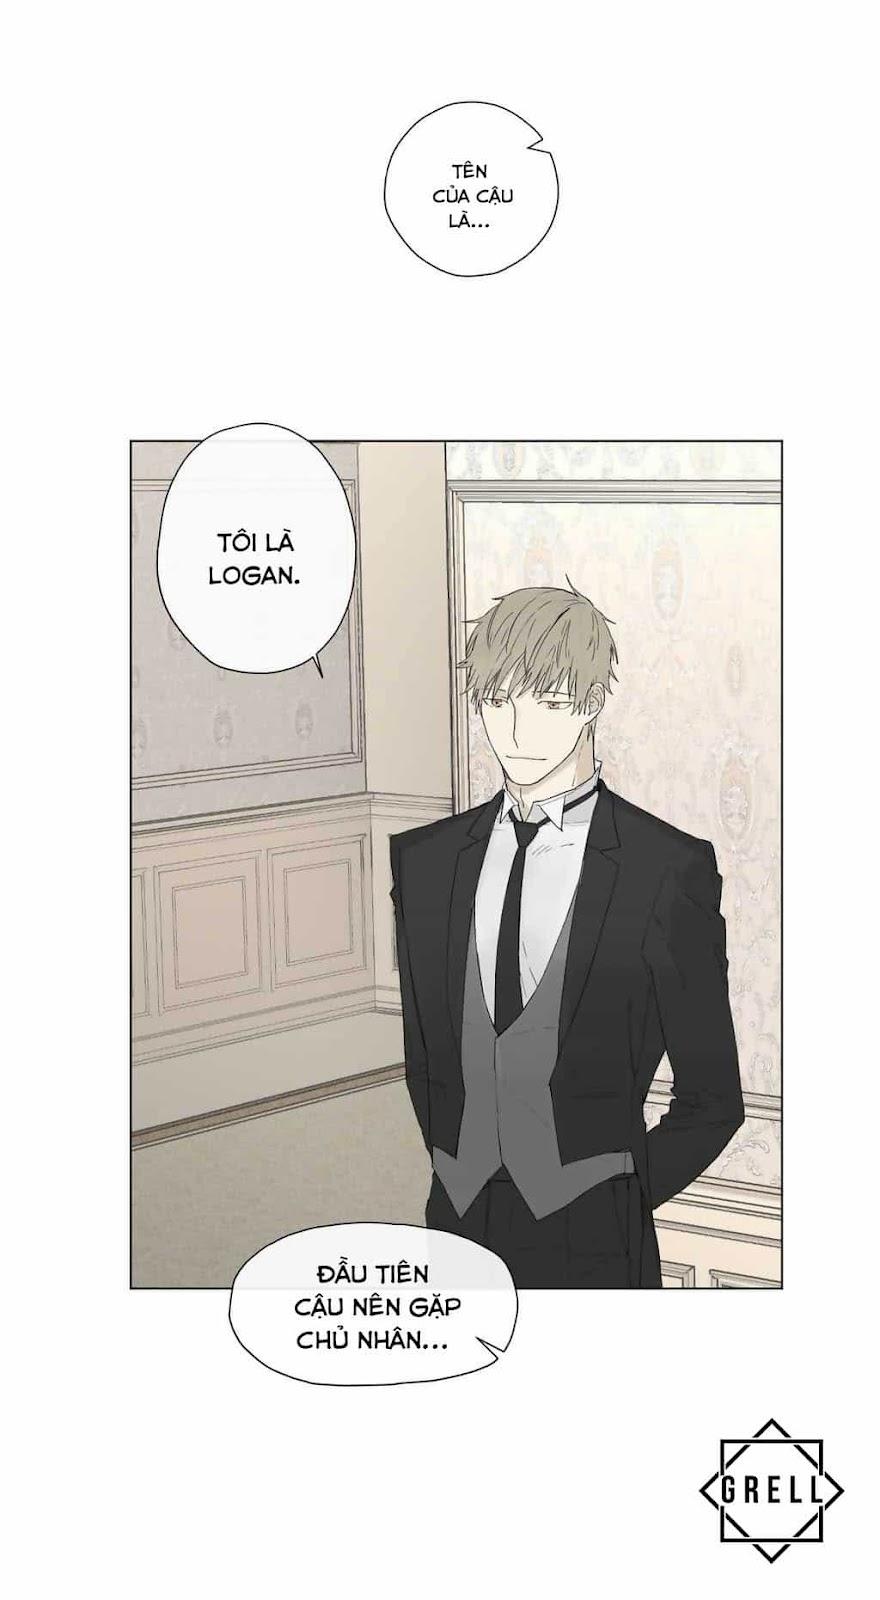 Trang 56 - Người hầu hoàng gia - Royal Servant - Chương 007 () - Truyện tranh Gay - Server HostedOnGoogleServerStaging